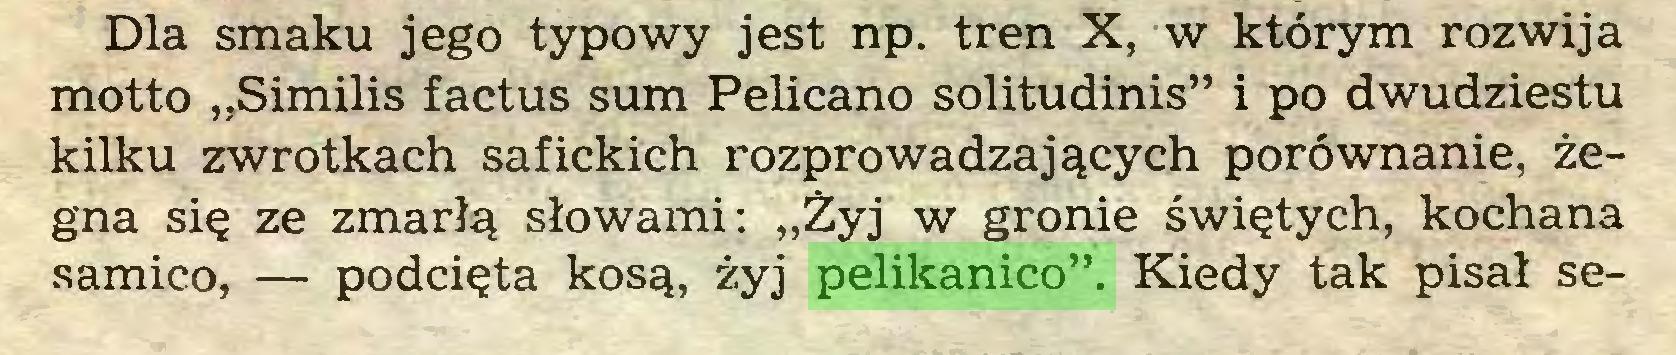 """(...) Dla smaku jego typowy jest np. tren X, w którym rozwija motto """"Similis factus sum Pelicano solitudinis"""" i po dwudziestu kilku zwrotkach safickich rozprowadzających porównanie, żegna się ze zmarłą słowami: """"Żyj w gronie świętych, kochana samico, — podcięta kosą, żyj pelikanico"""". Kiedy tak pisał se..."""